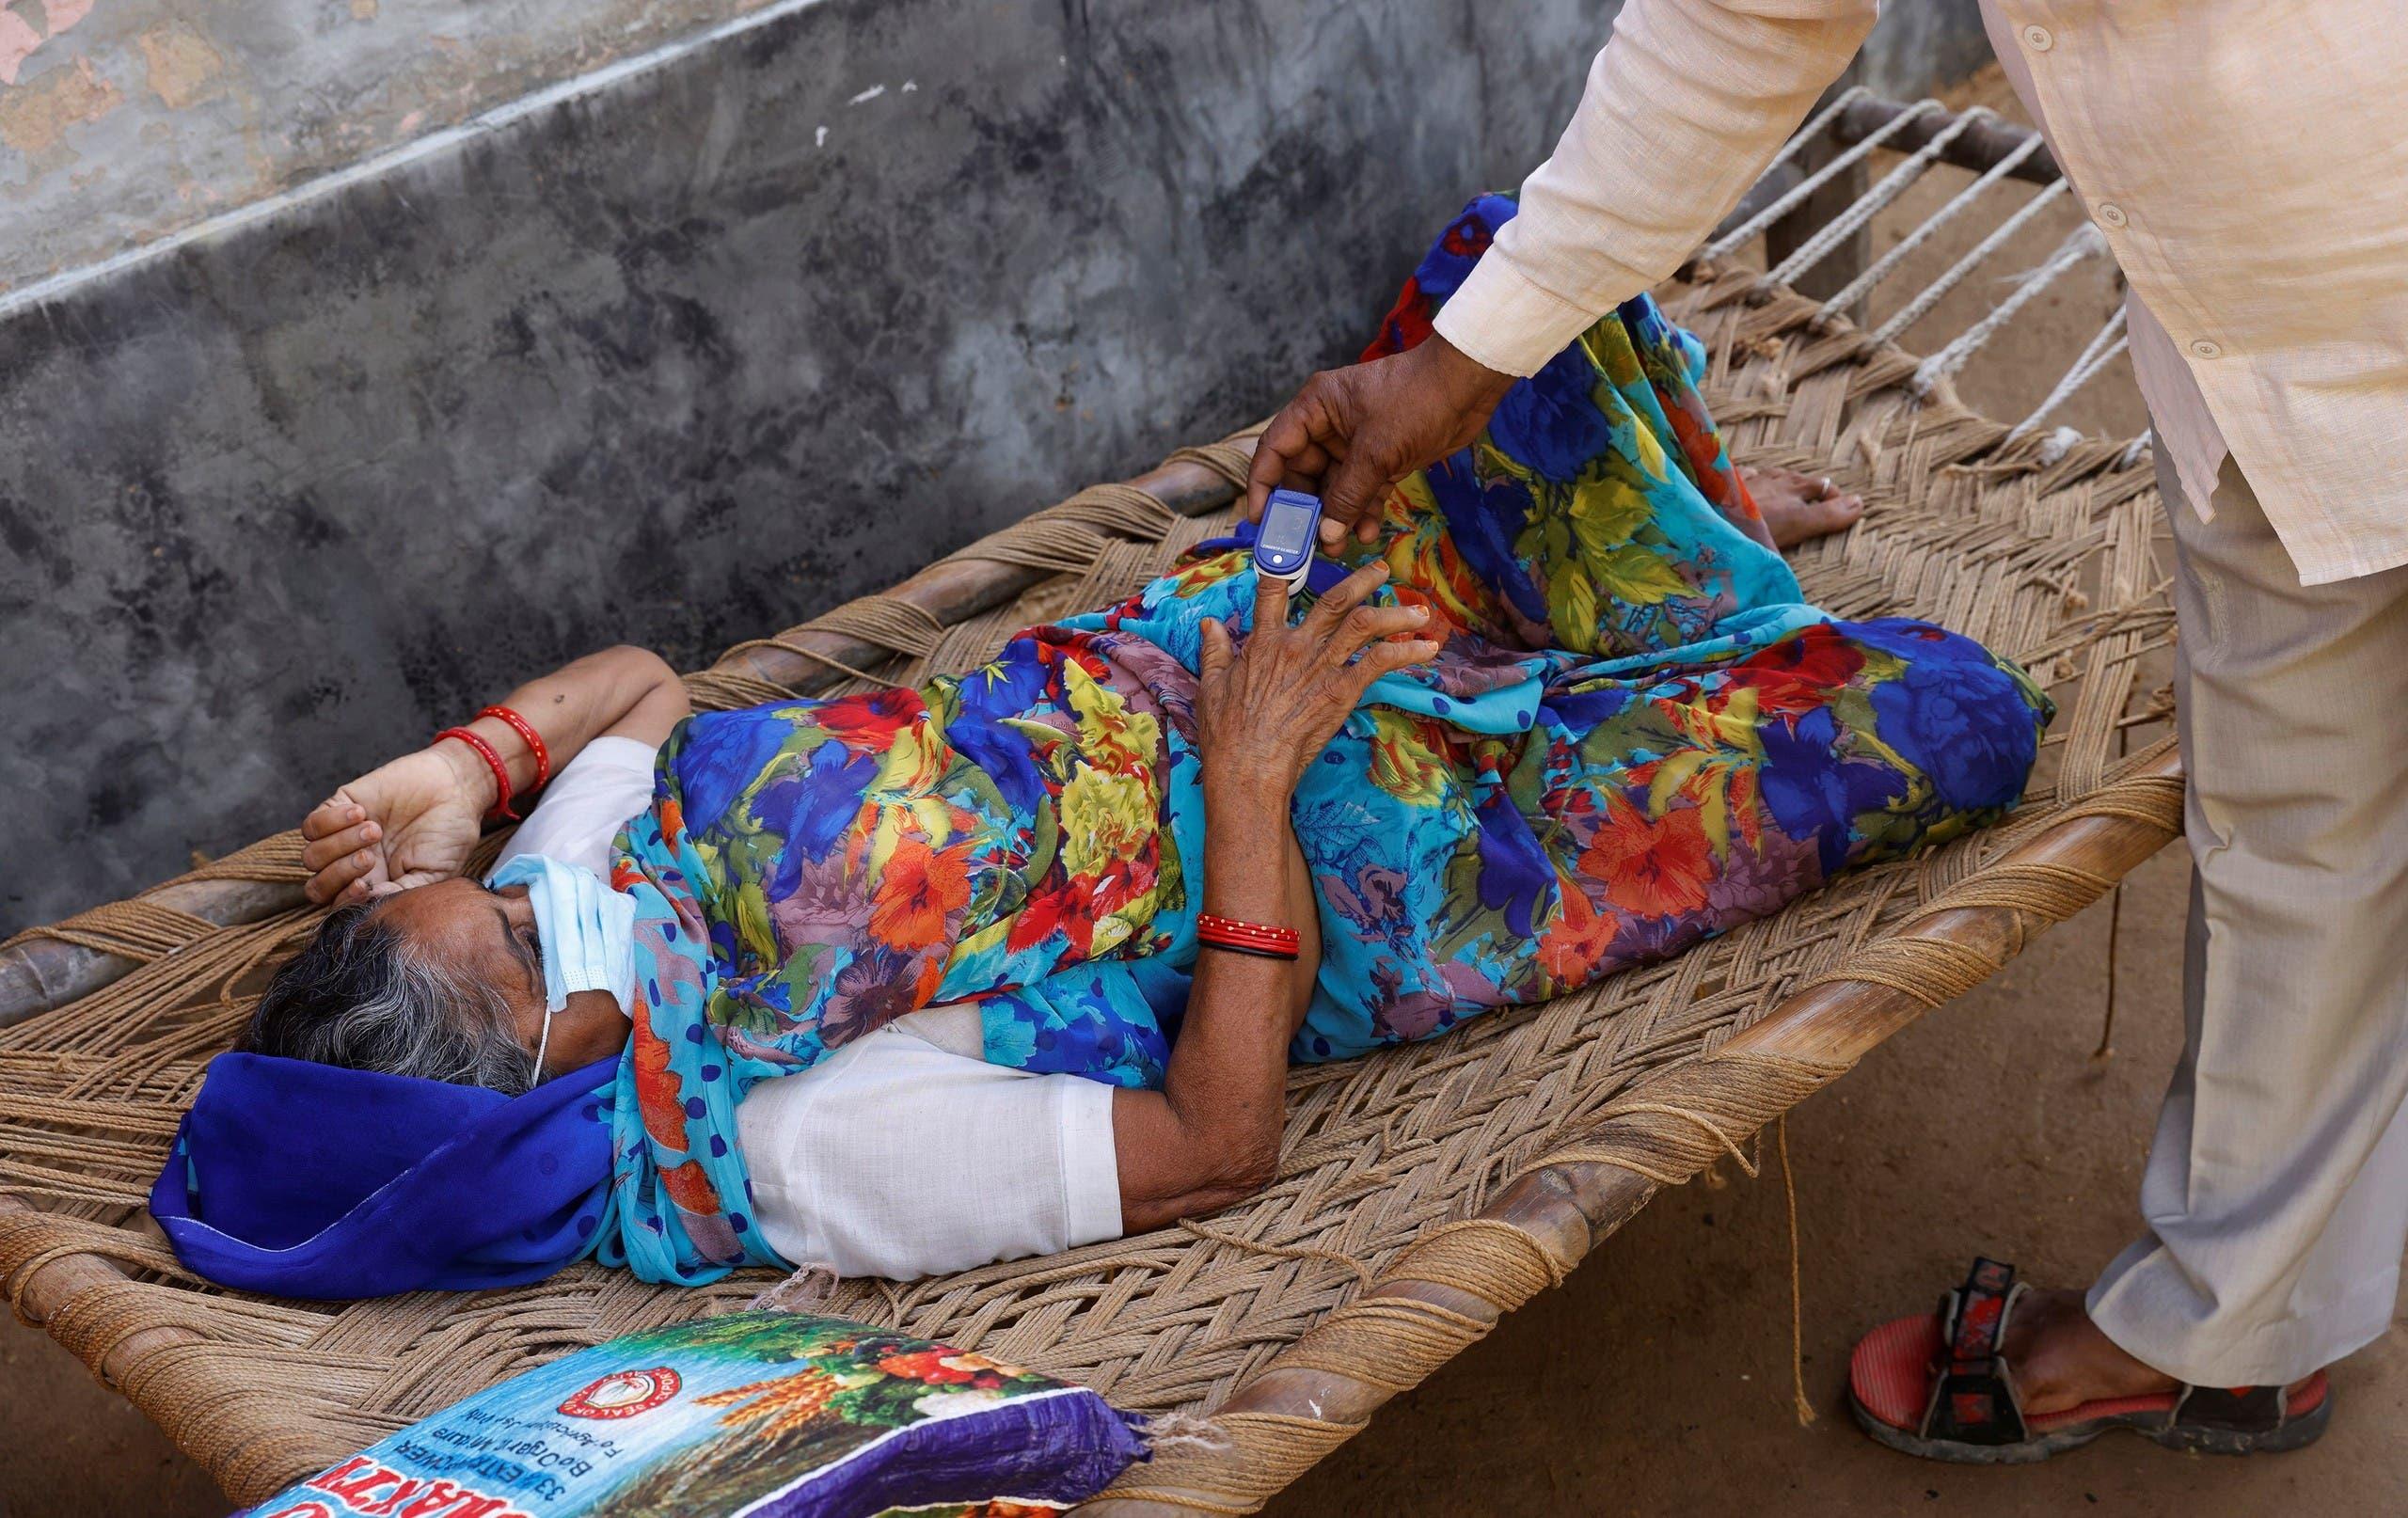 مسنة مصابة بكورونا في إحدى القرى الهندية تتلقى رعاية طبية